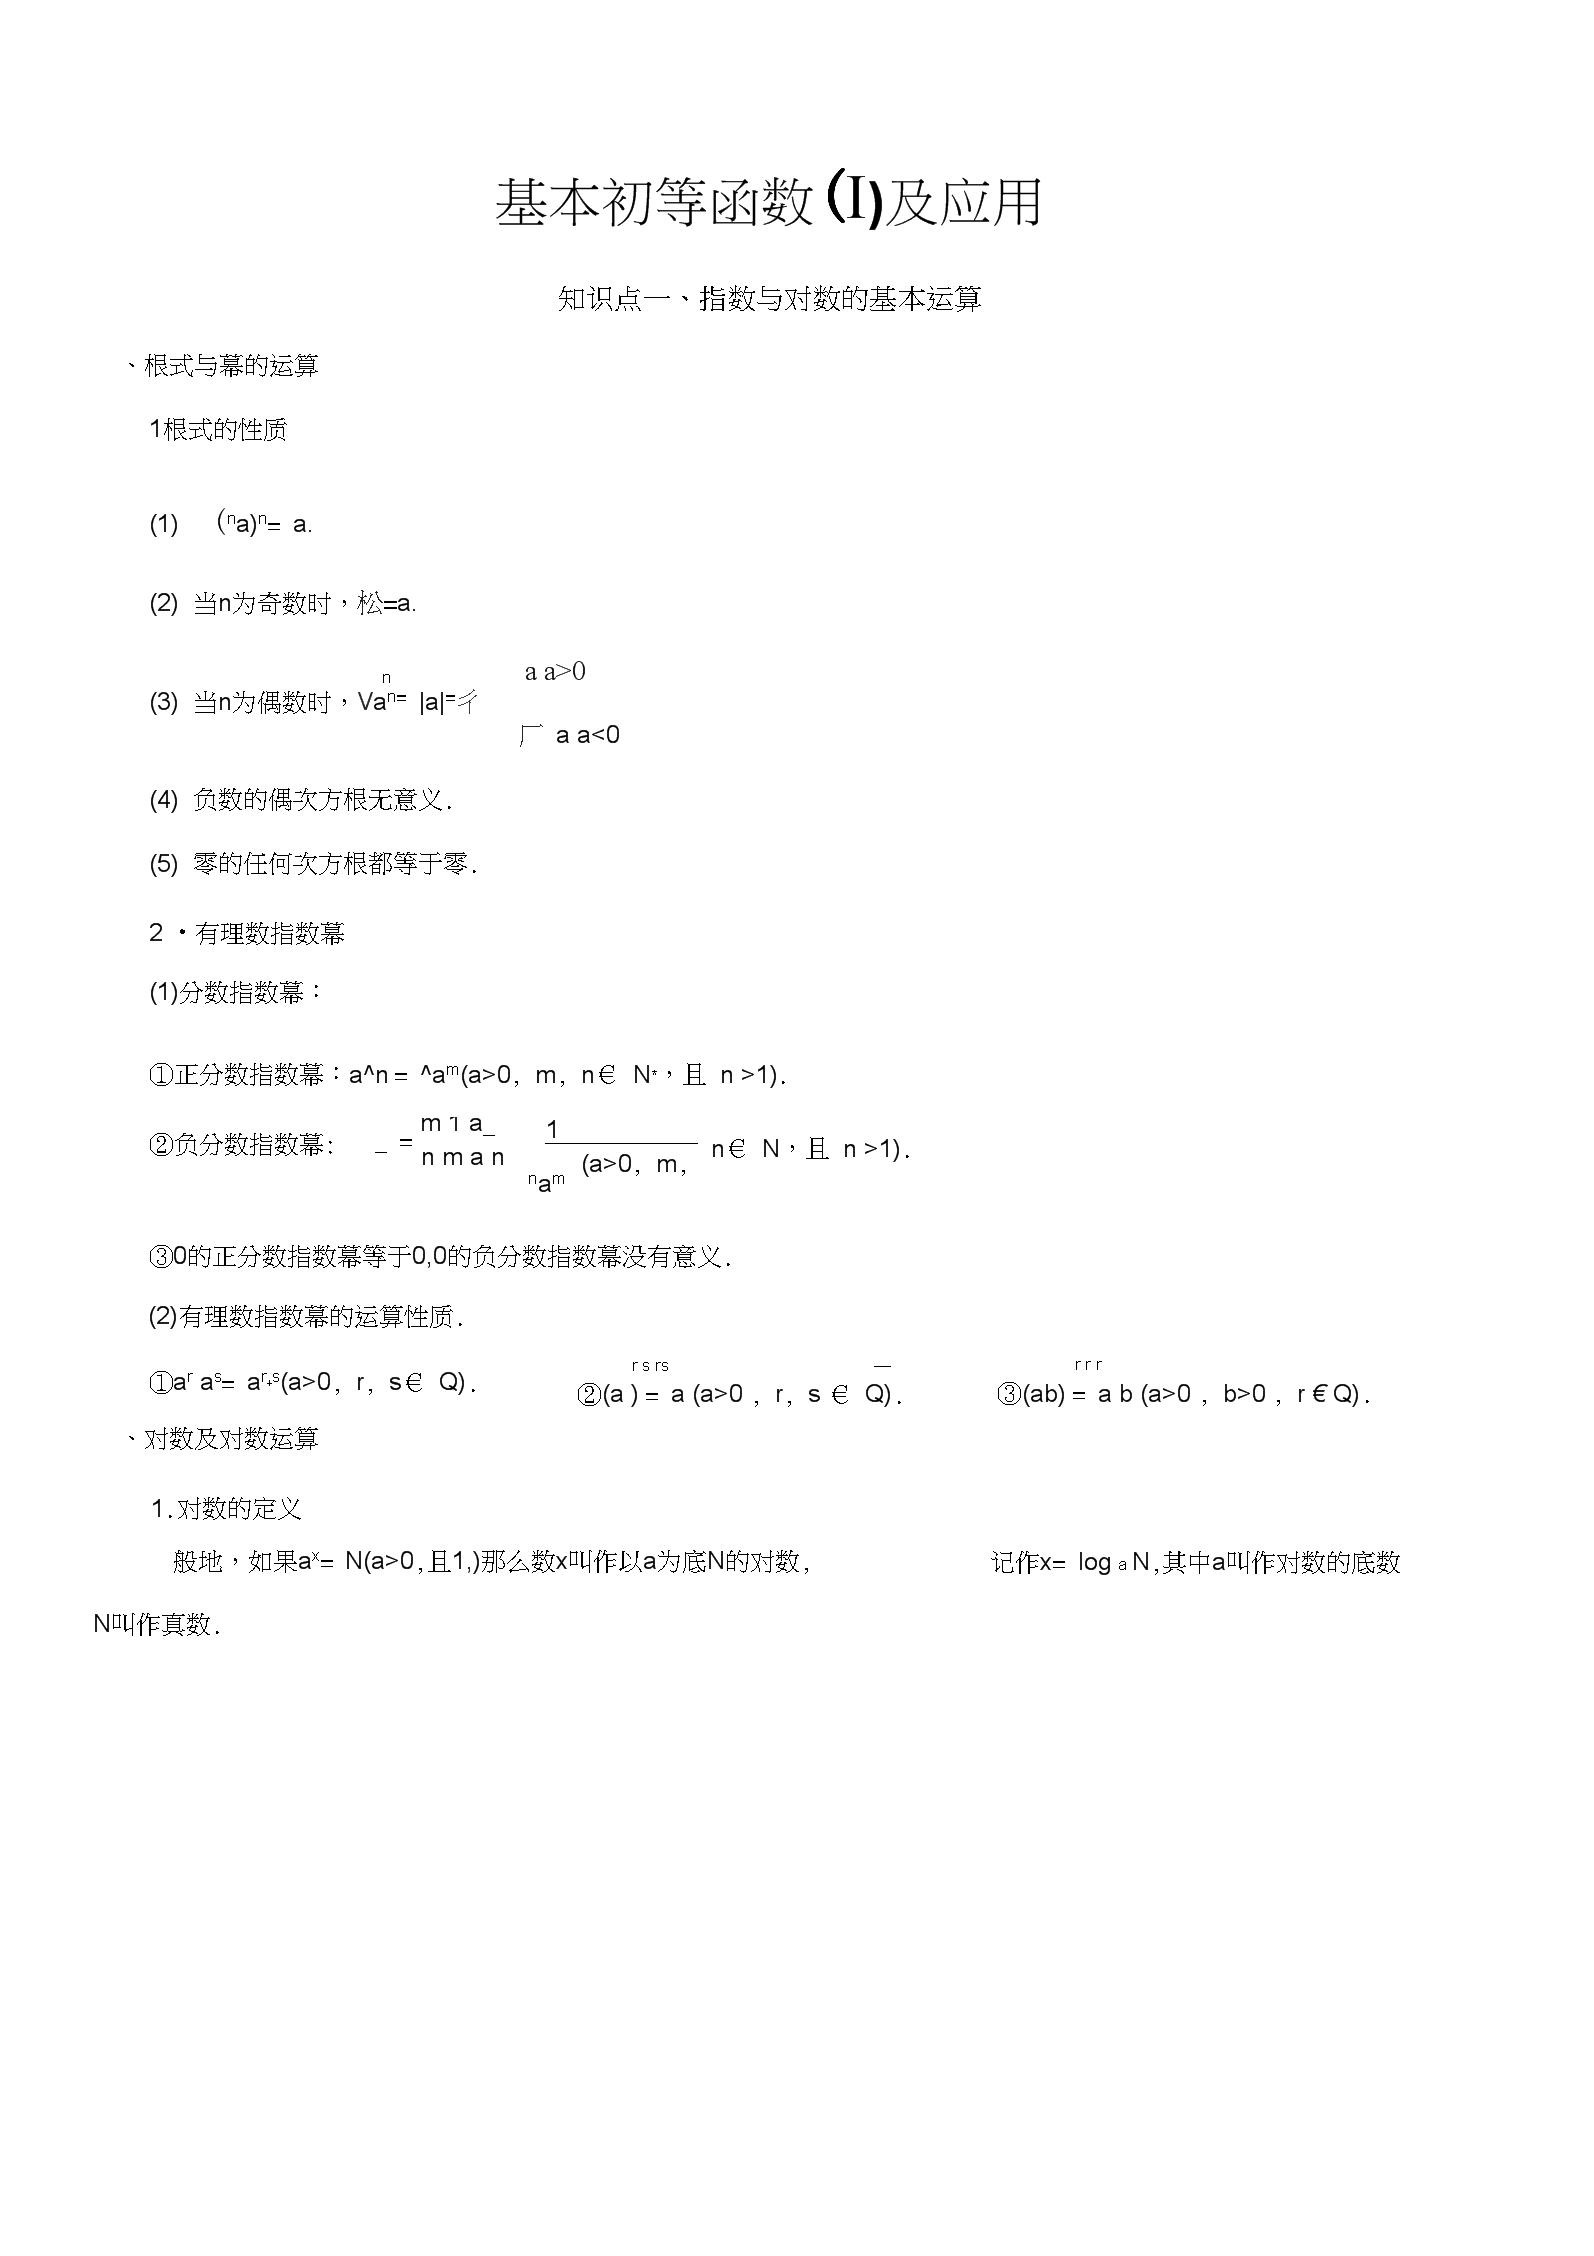 2019届高考数学(理科)一轮复习讲义:基本初等函数(Ⅰ)及应用.docx